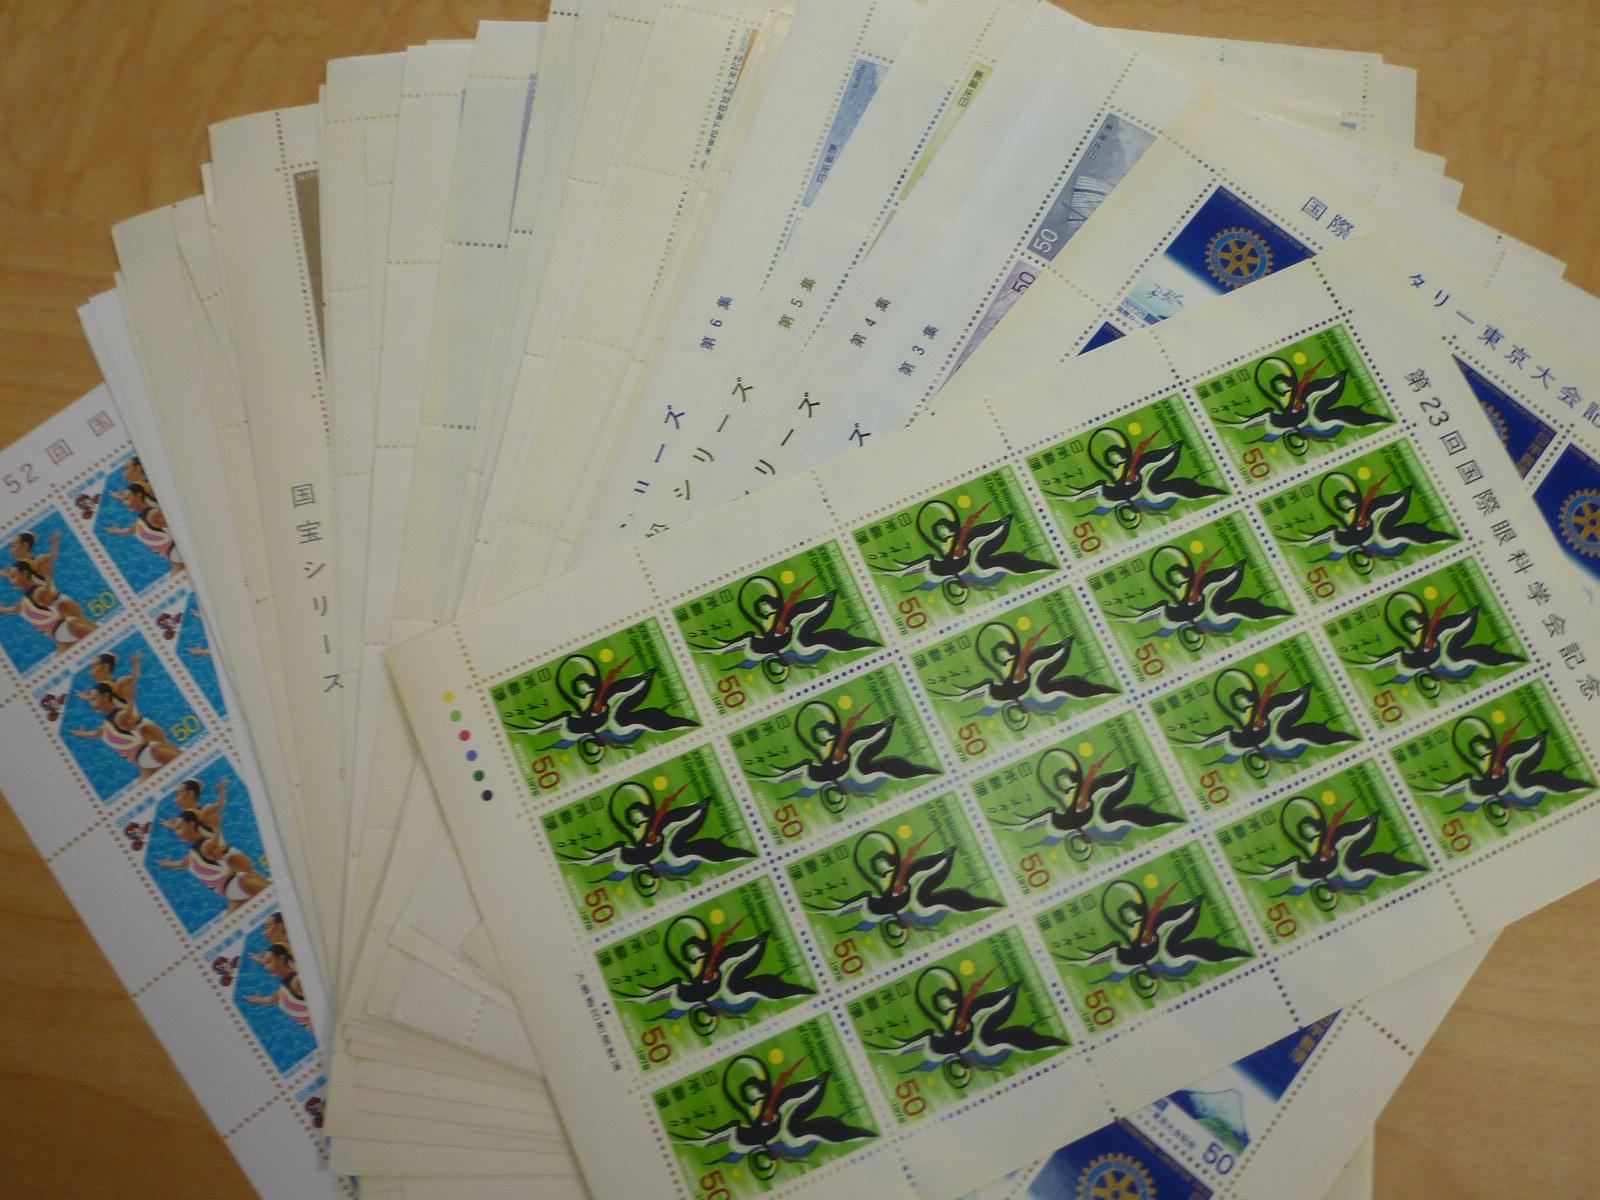 大和郡山市で切手を売るなら 買取専門店大吉リーベル王寺店へ!